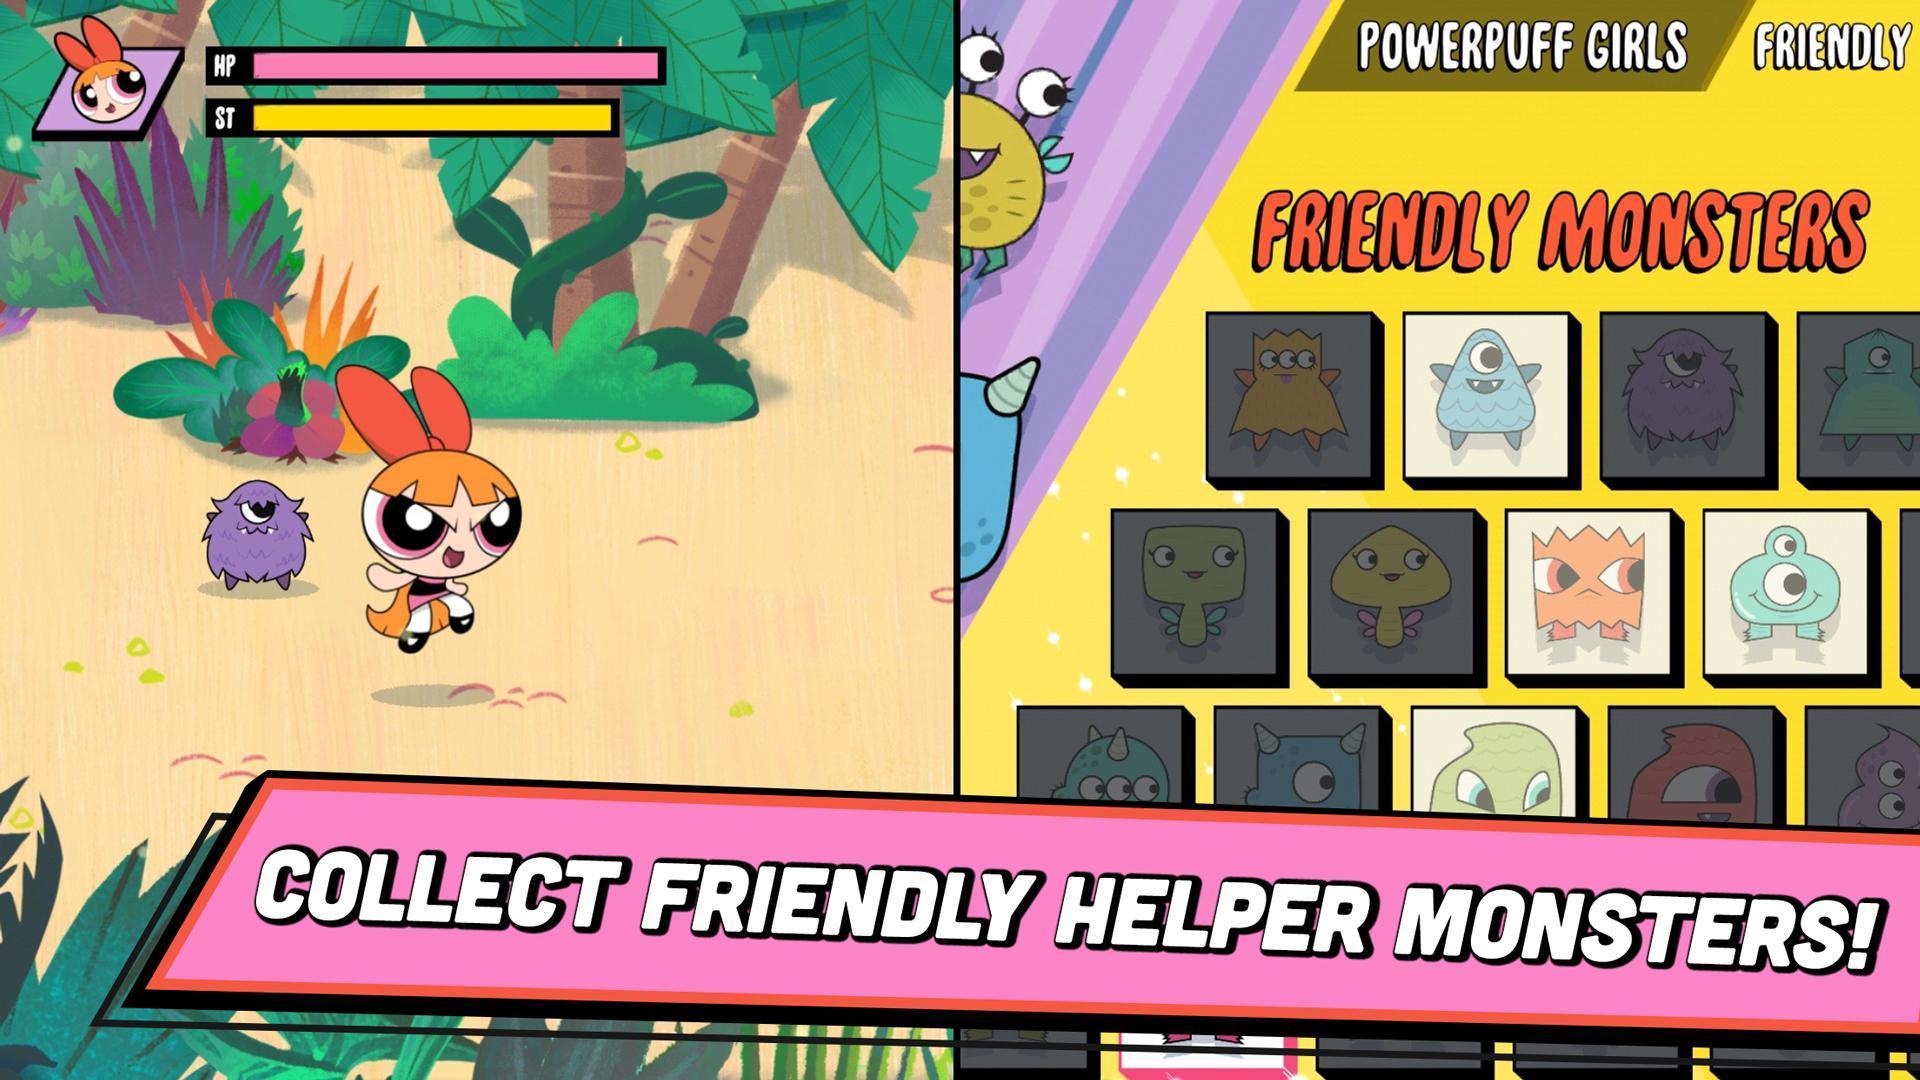 Ready, Set, Monsters! Powerpuff Girls Games 1.0.2 Screenshot 4